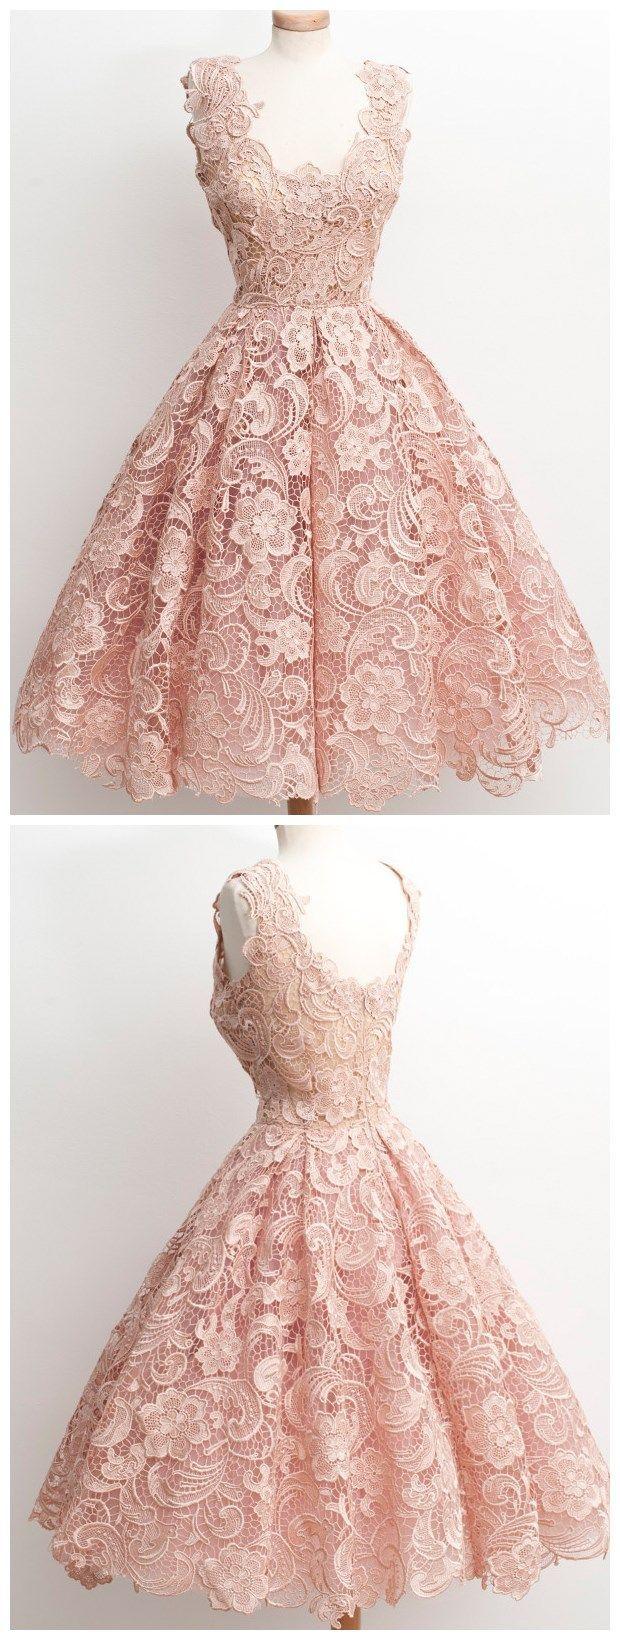 best evening gowns u dresses etc images on pinterest